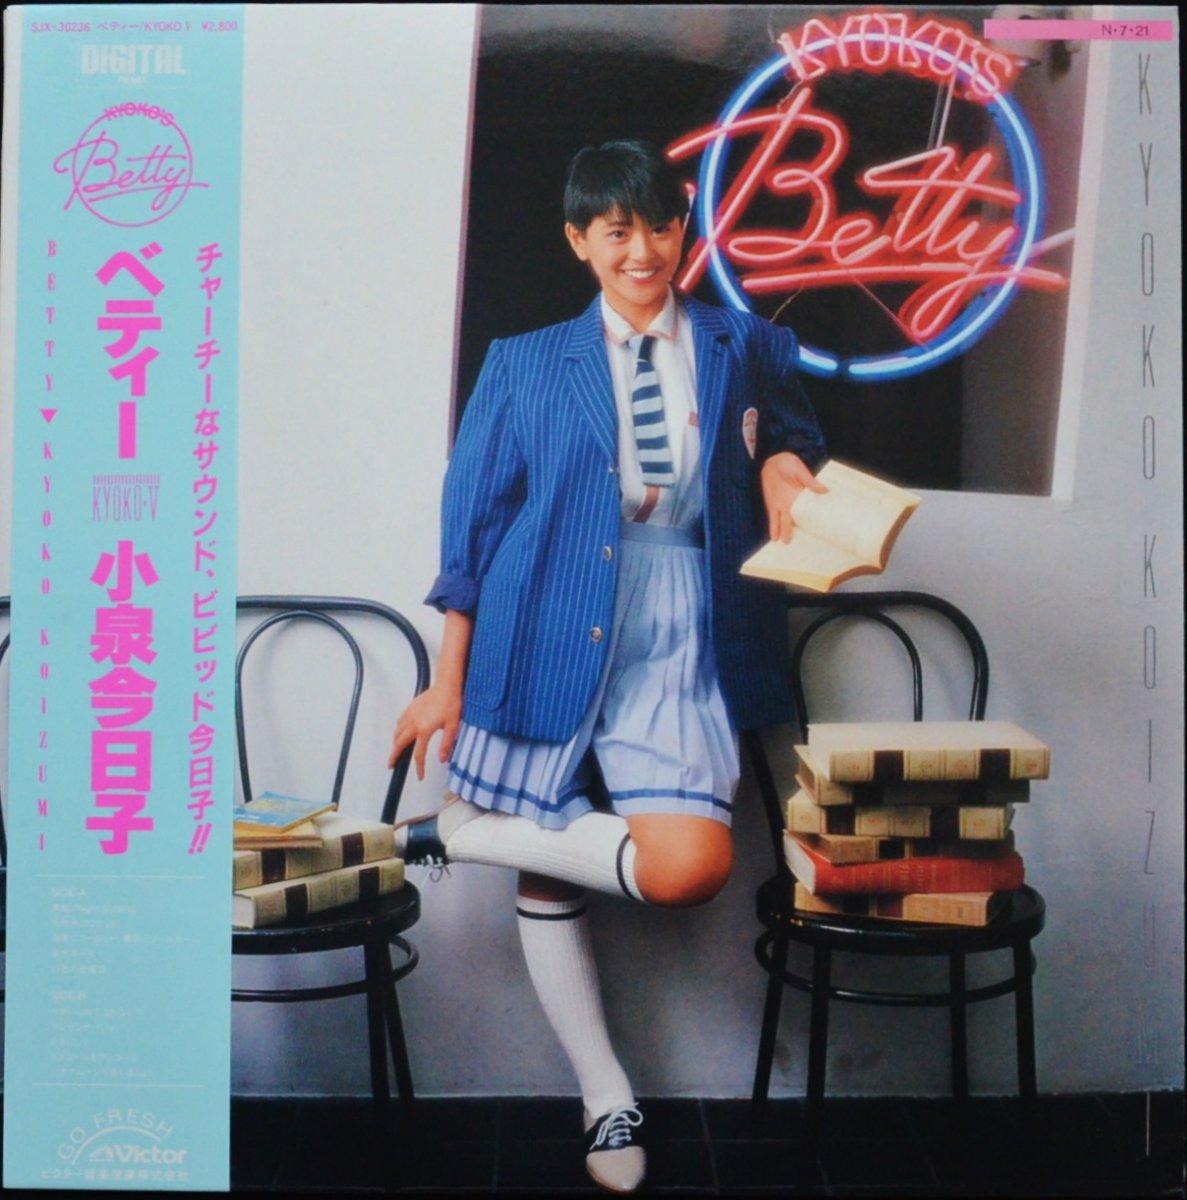 小泉今日子 KYOKO KOIZUMI / ベティー BETTY / KYOKO V (LP)